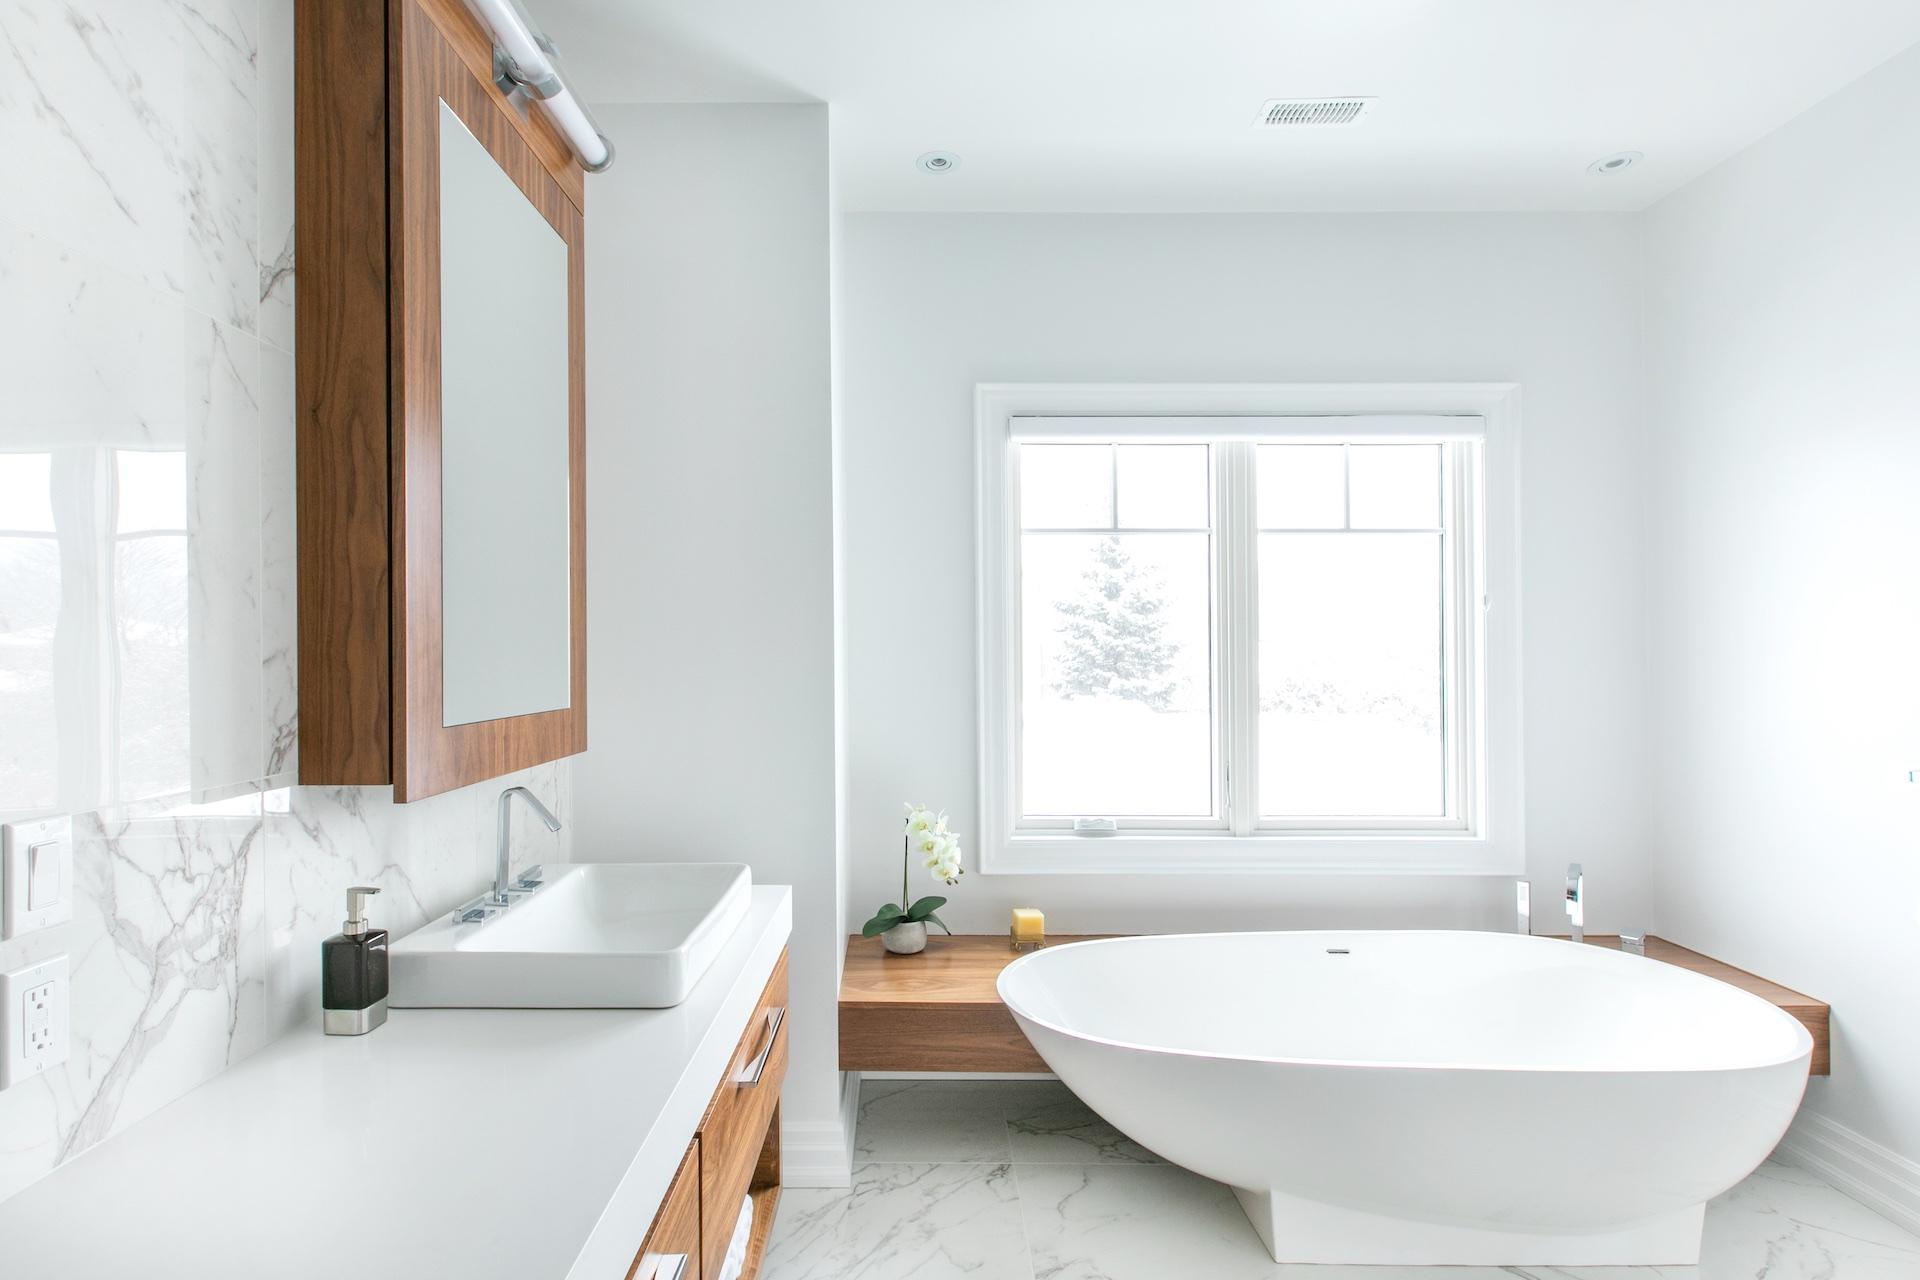 white tub under window